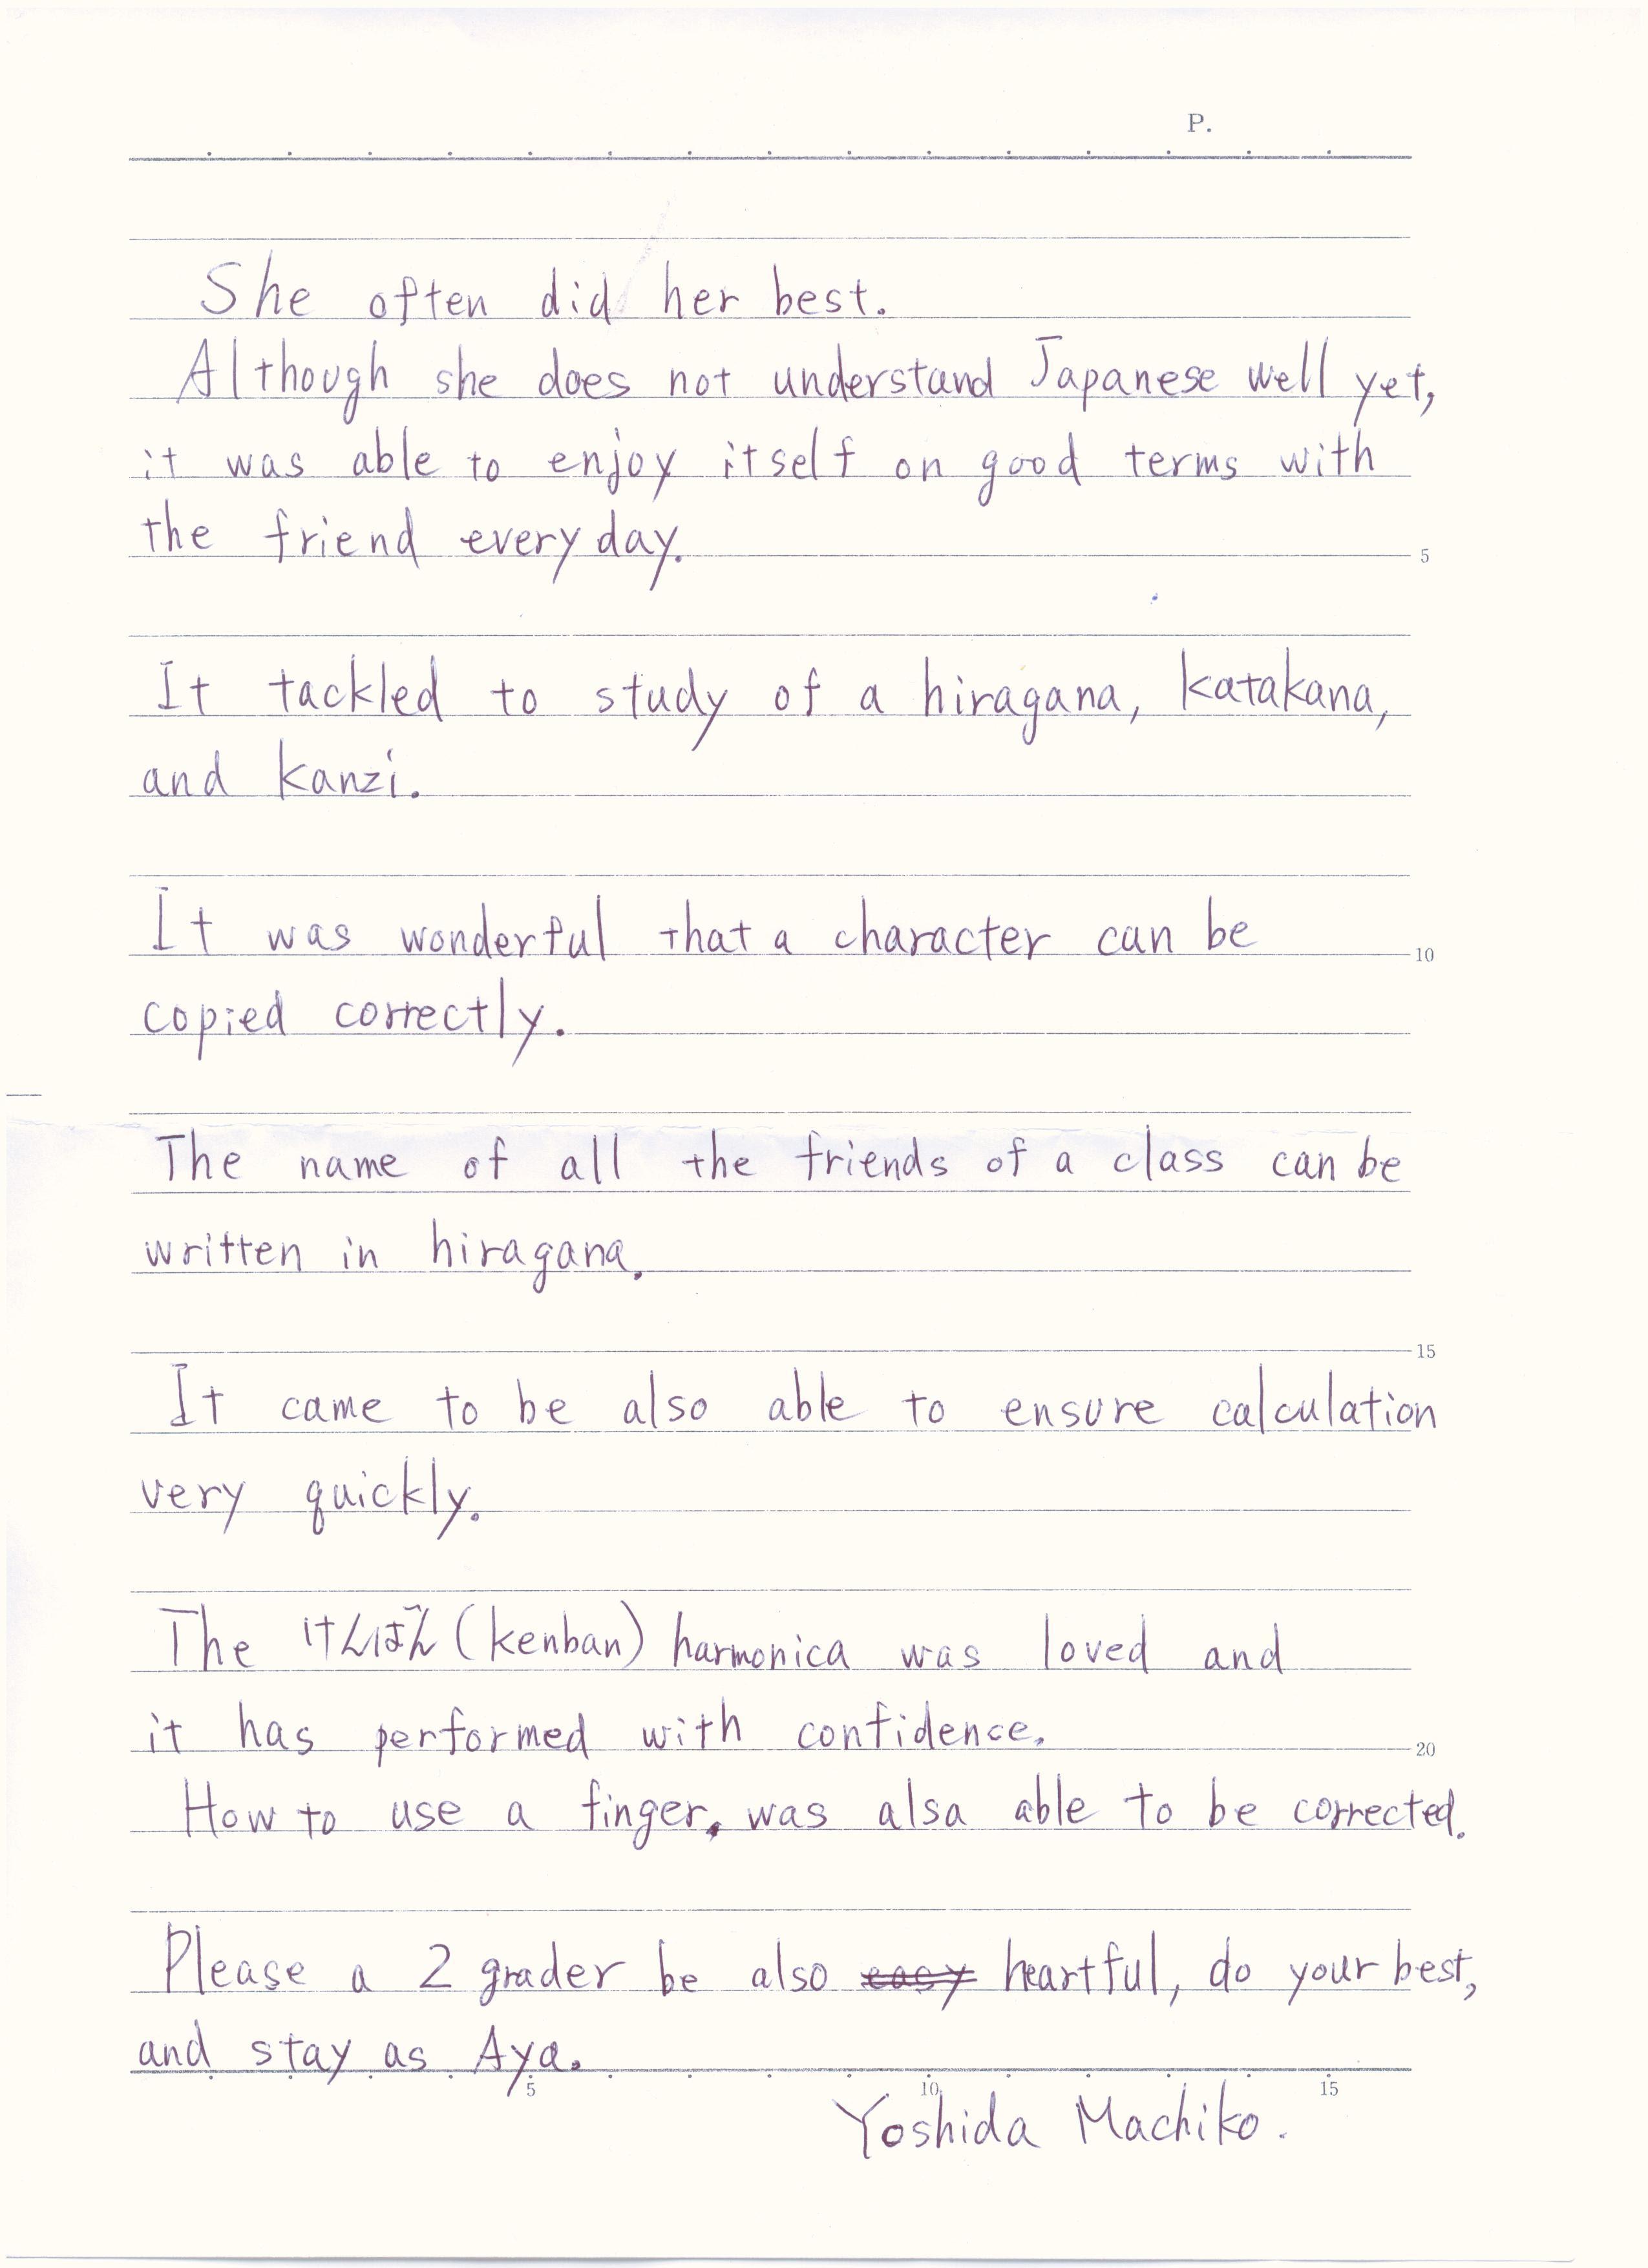 Kata Kata Anniversary 1 Bulan Dalam Bahasa Inggris Dan